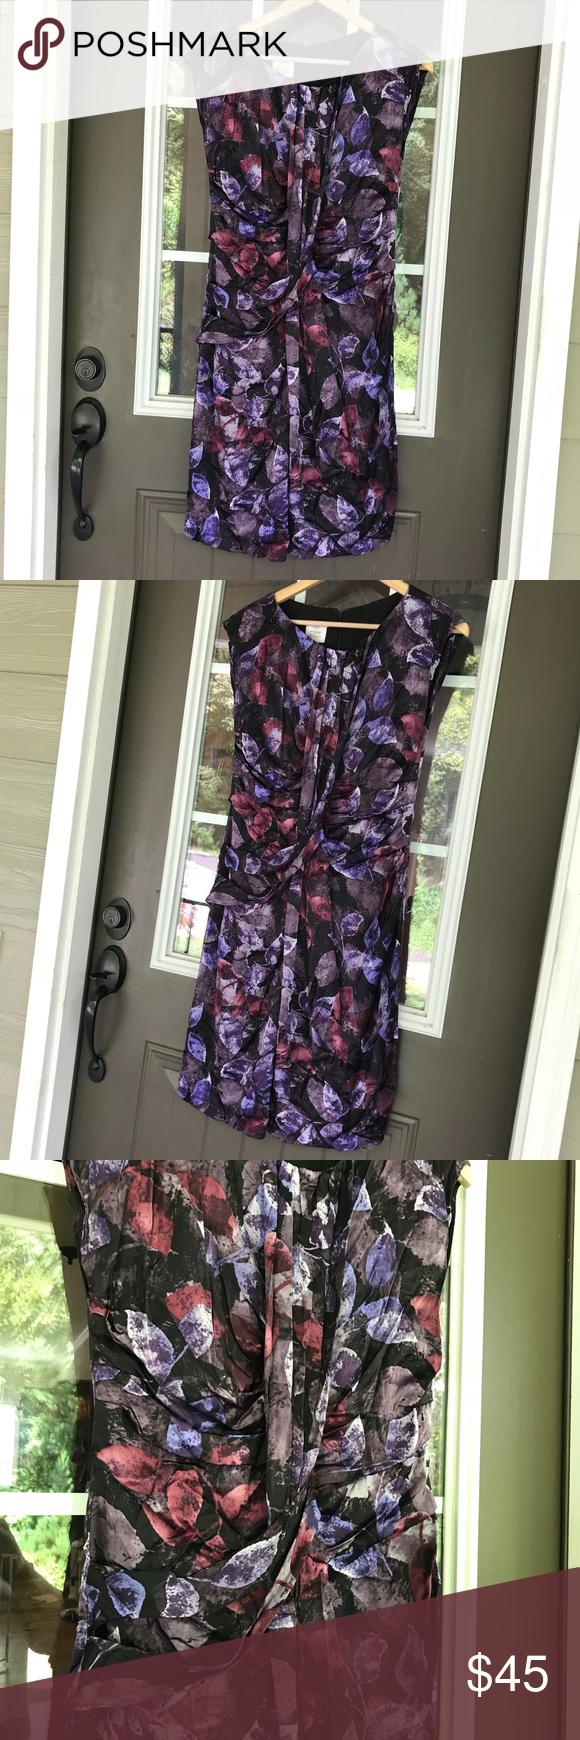 silk purple boutique suzi chin maggy poshmark